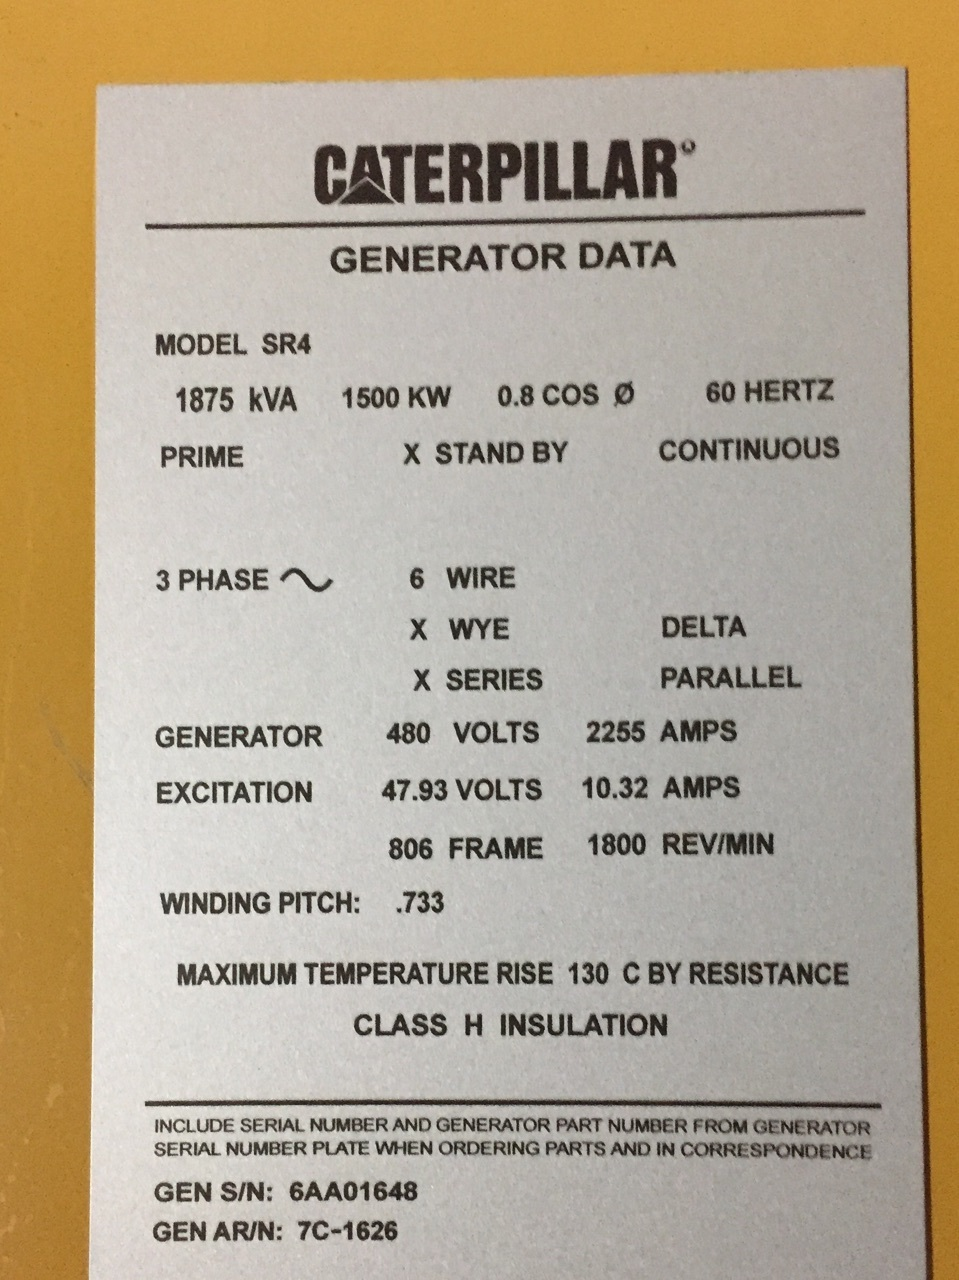 Natural Gas Powered Generator | Caterpillar 3516